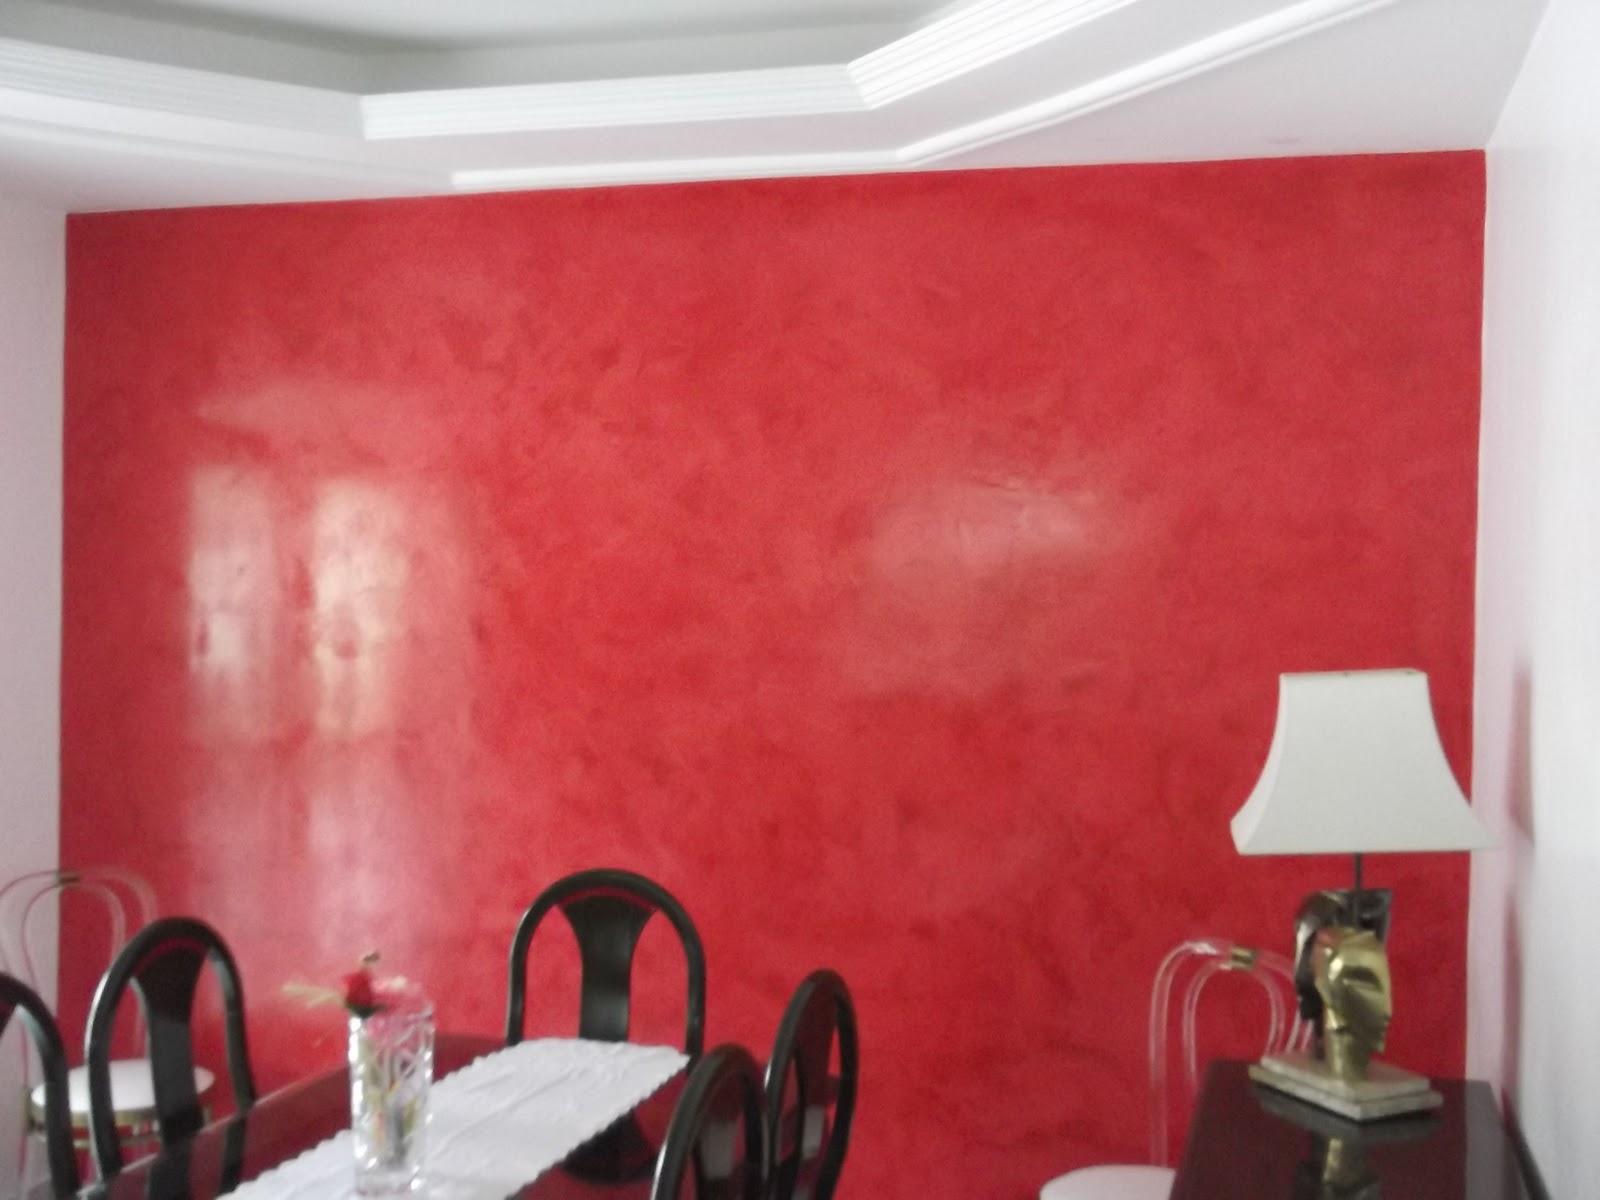 Efeito m rmore vermelho suvinil jairo pintor fino acabamento for Pintura decorativa efeito marmore